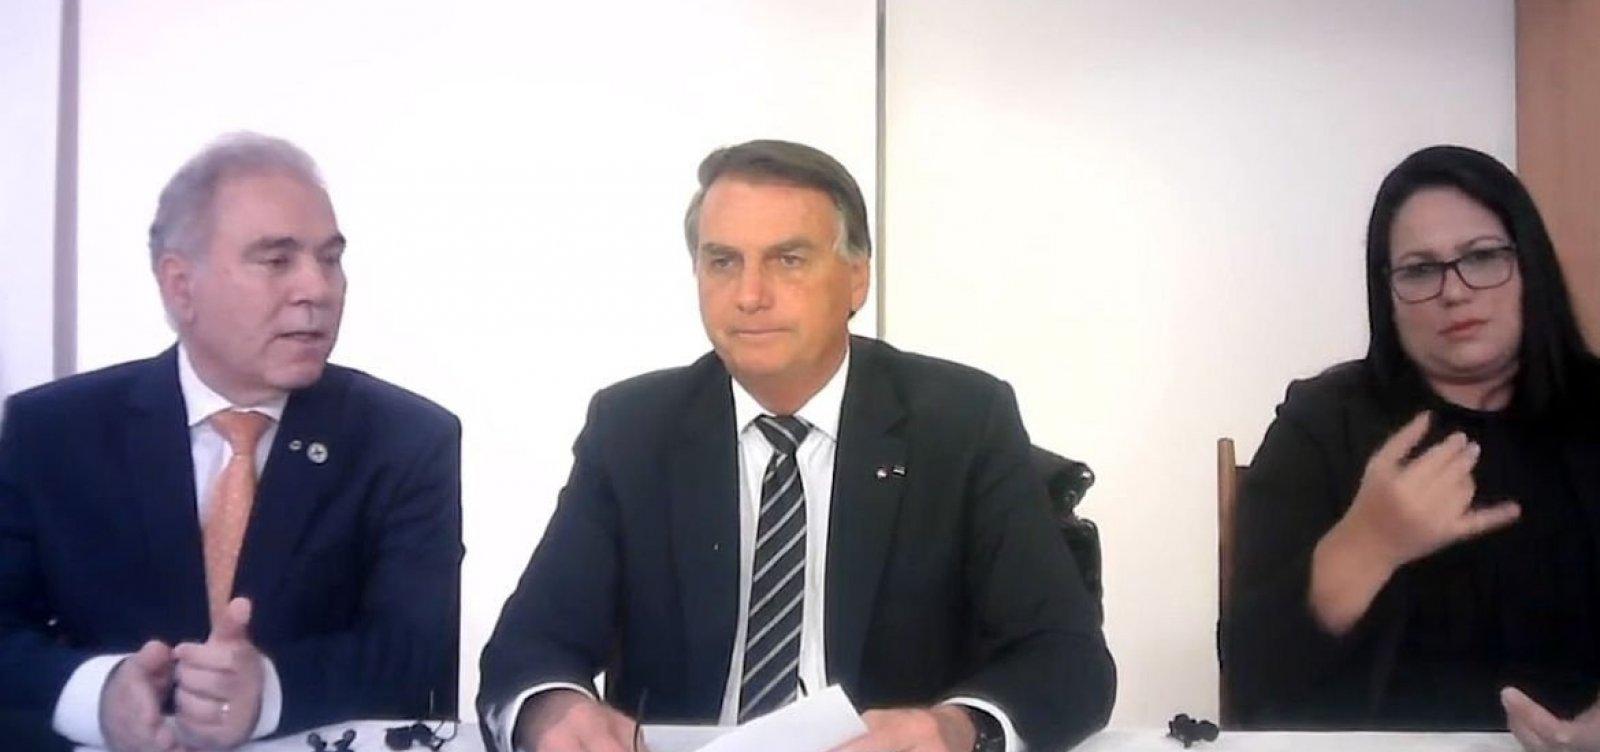 Bolsonaro admite gravidade de crise hídrica e faz apelo por economia de energia